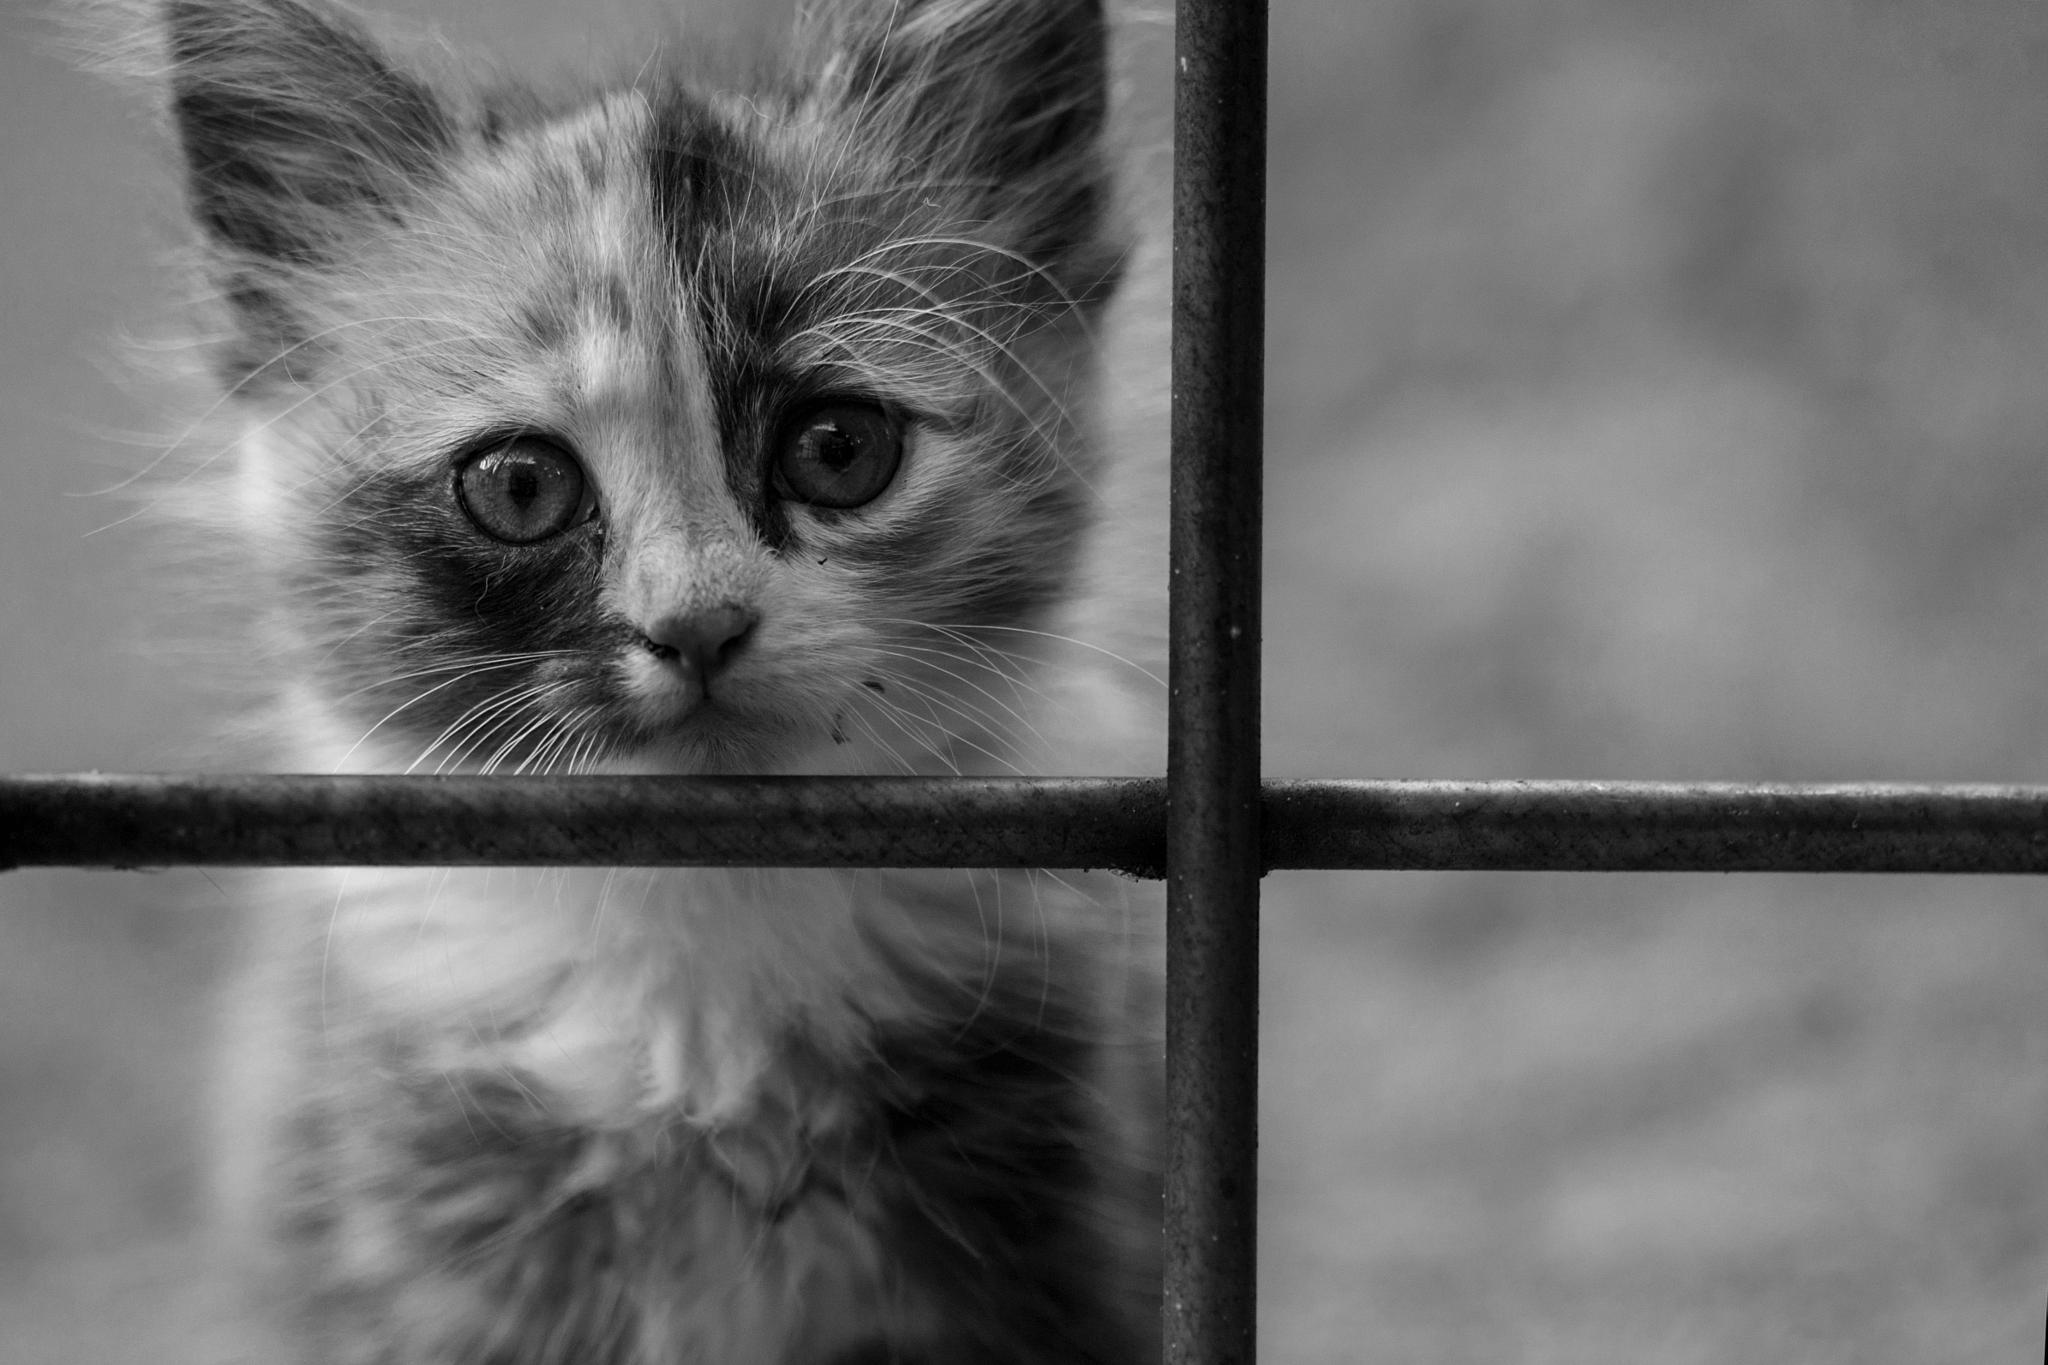 Dangeros wild Kitty by ulrich.grolla